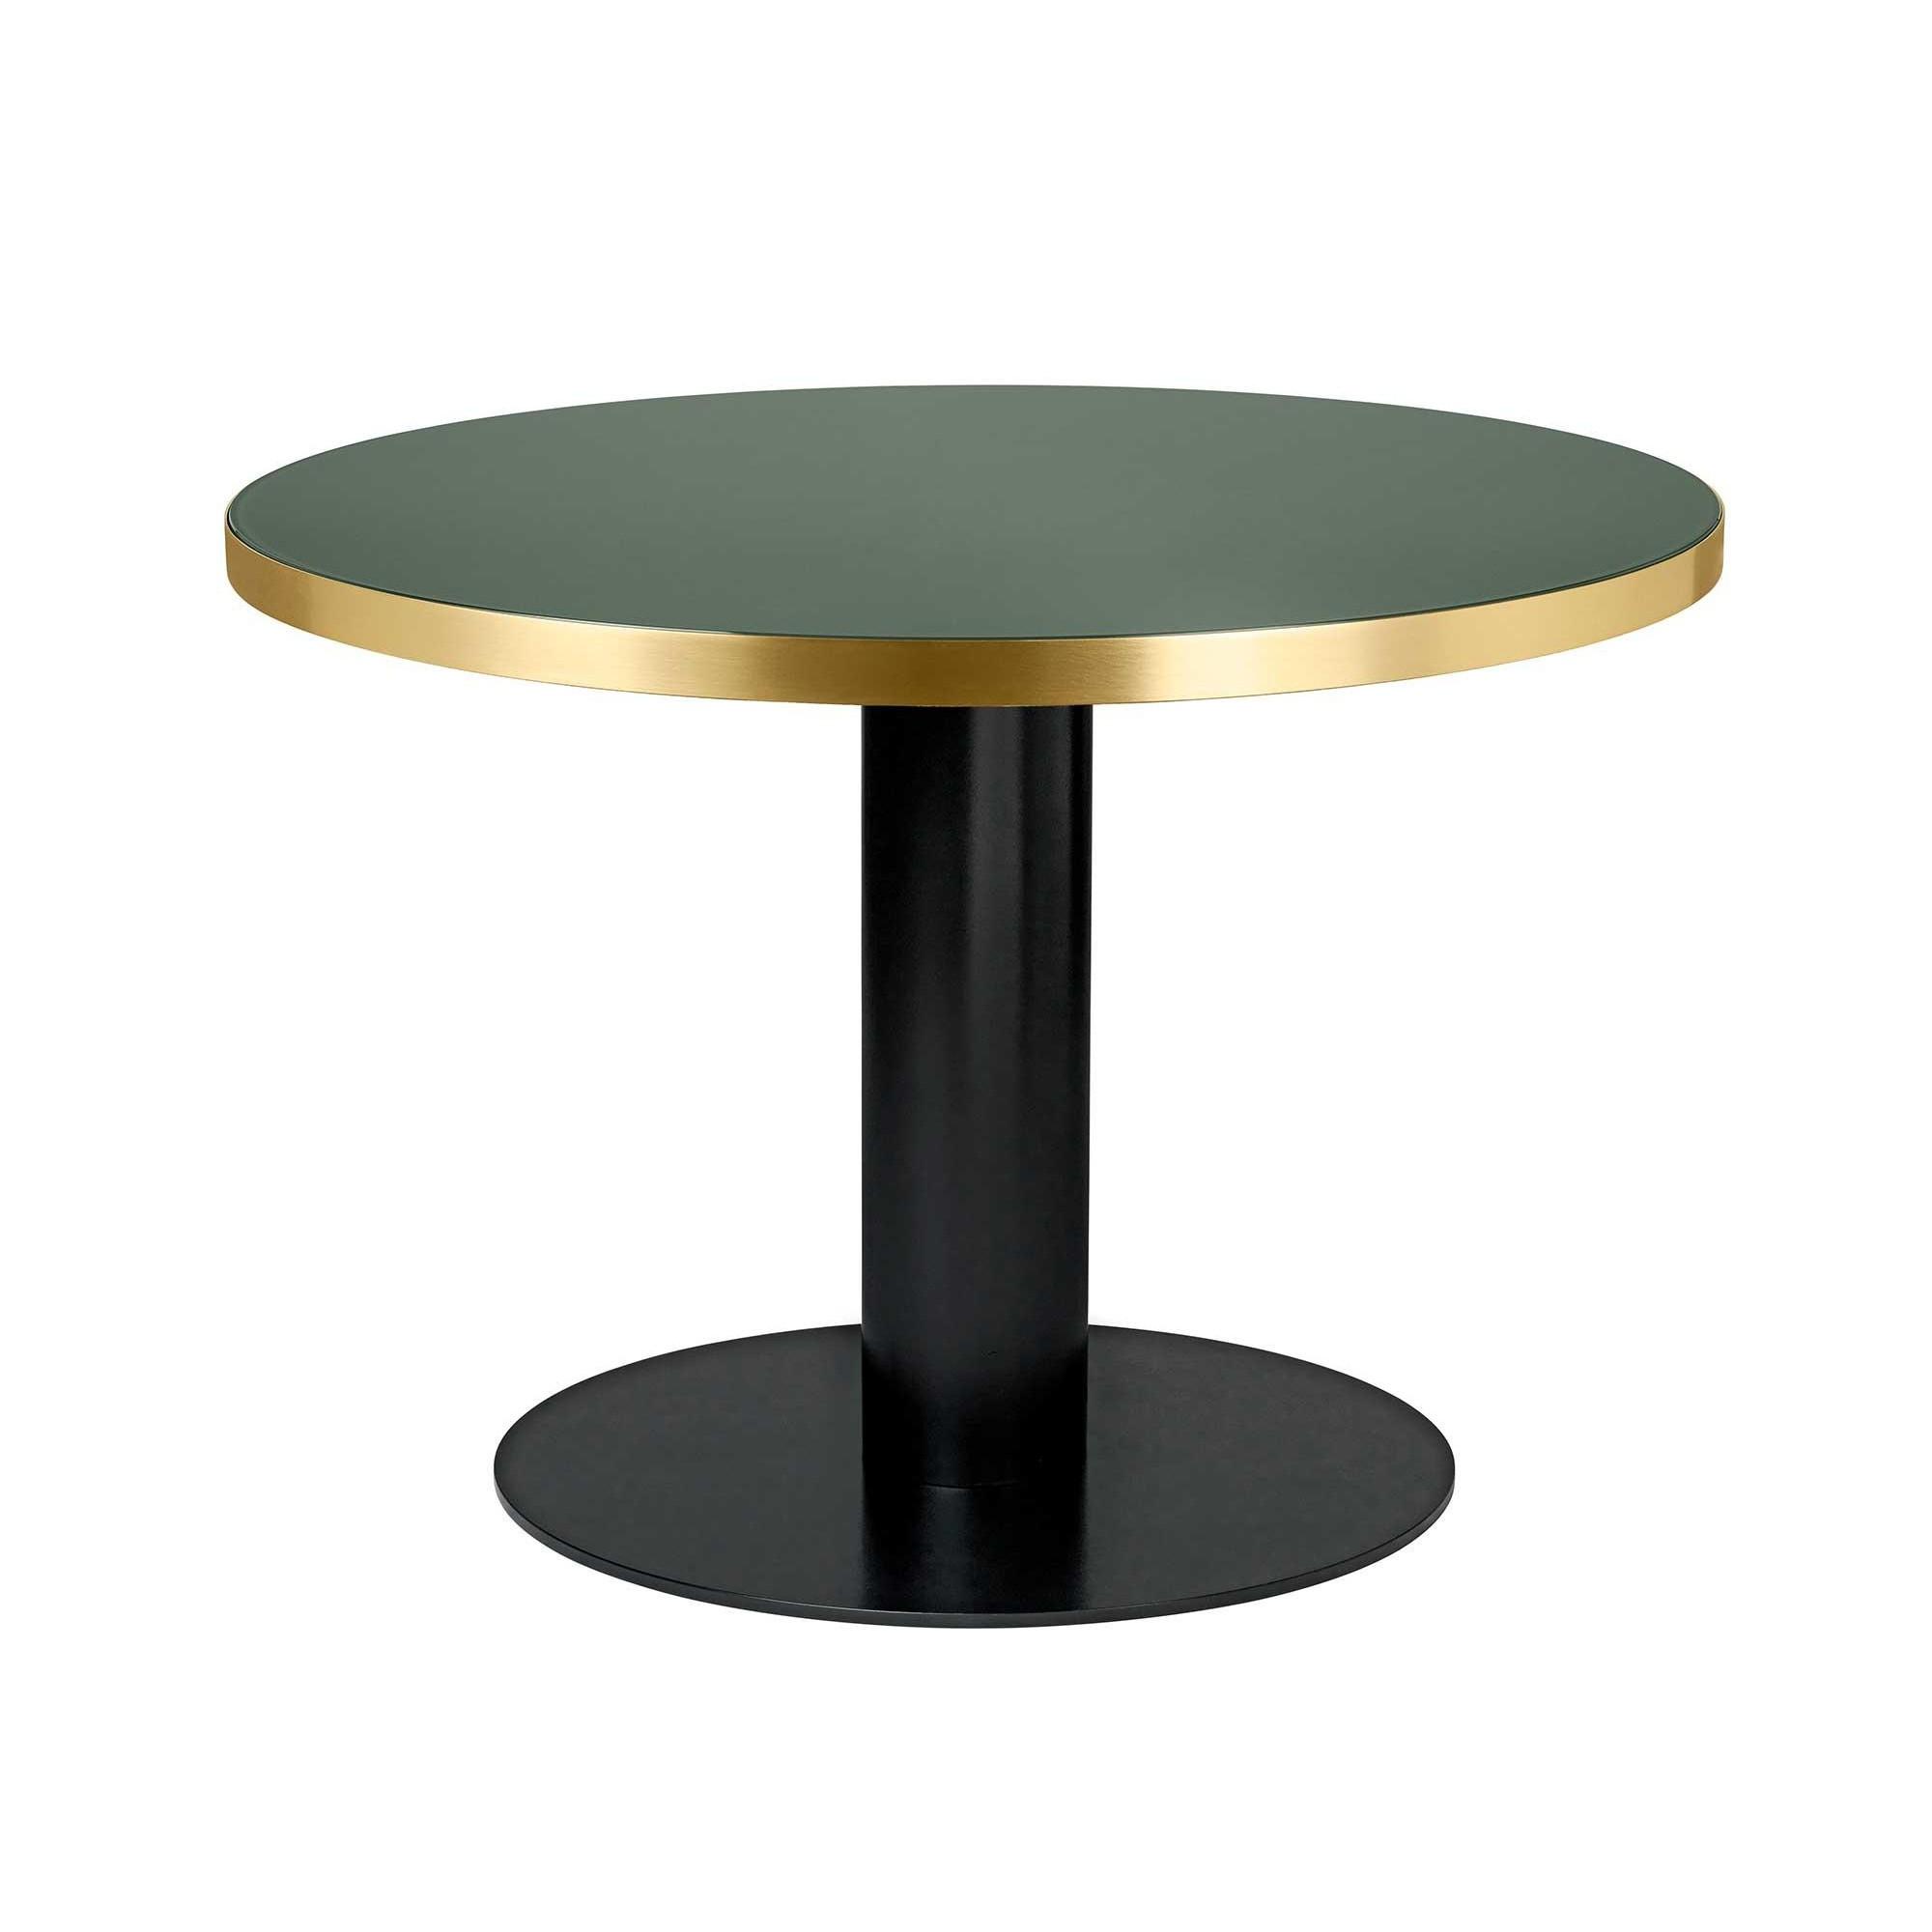 Gubi 20 Dining Table Black Base ø110cm Ambientedirect